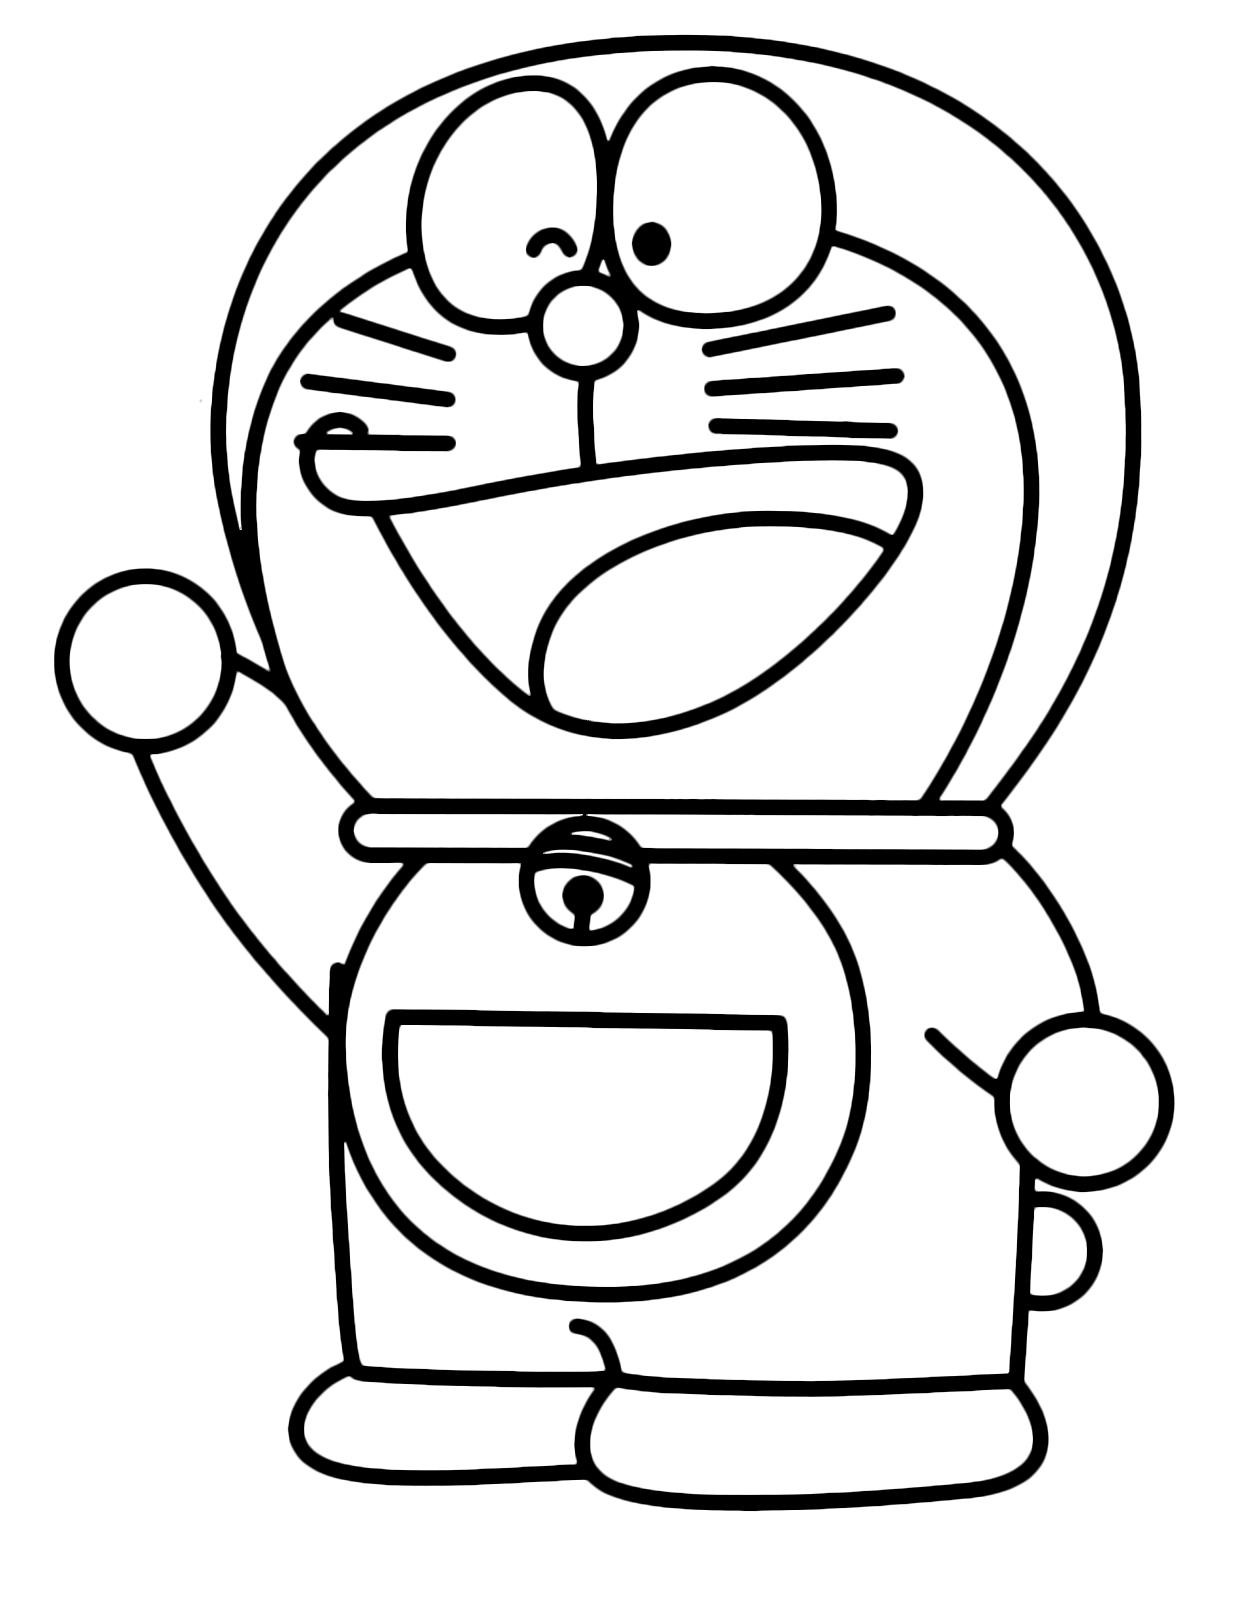 Gambar Permainan Mewarnai Gambar Doraemon Disegni Da Colorare Cars